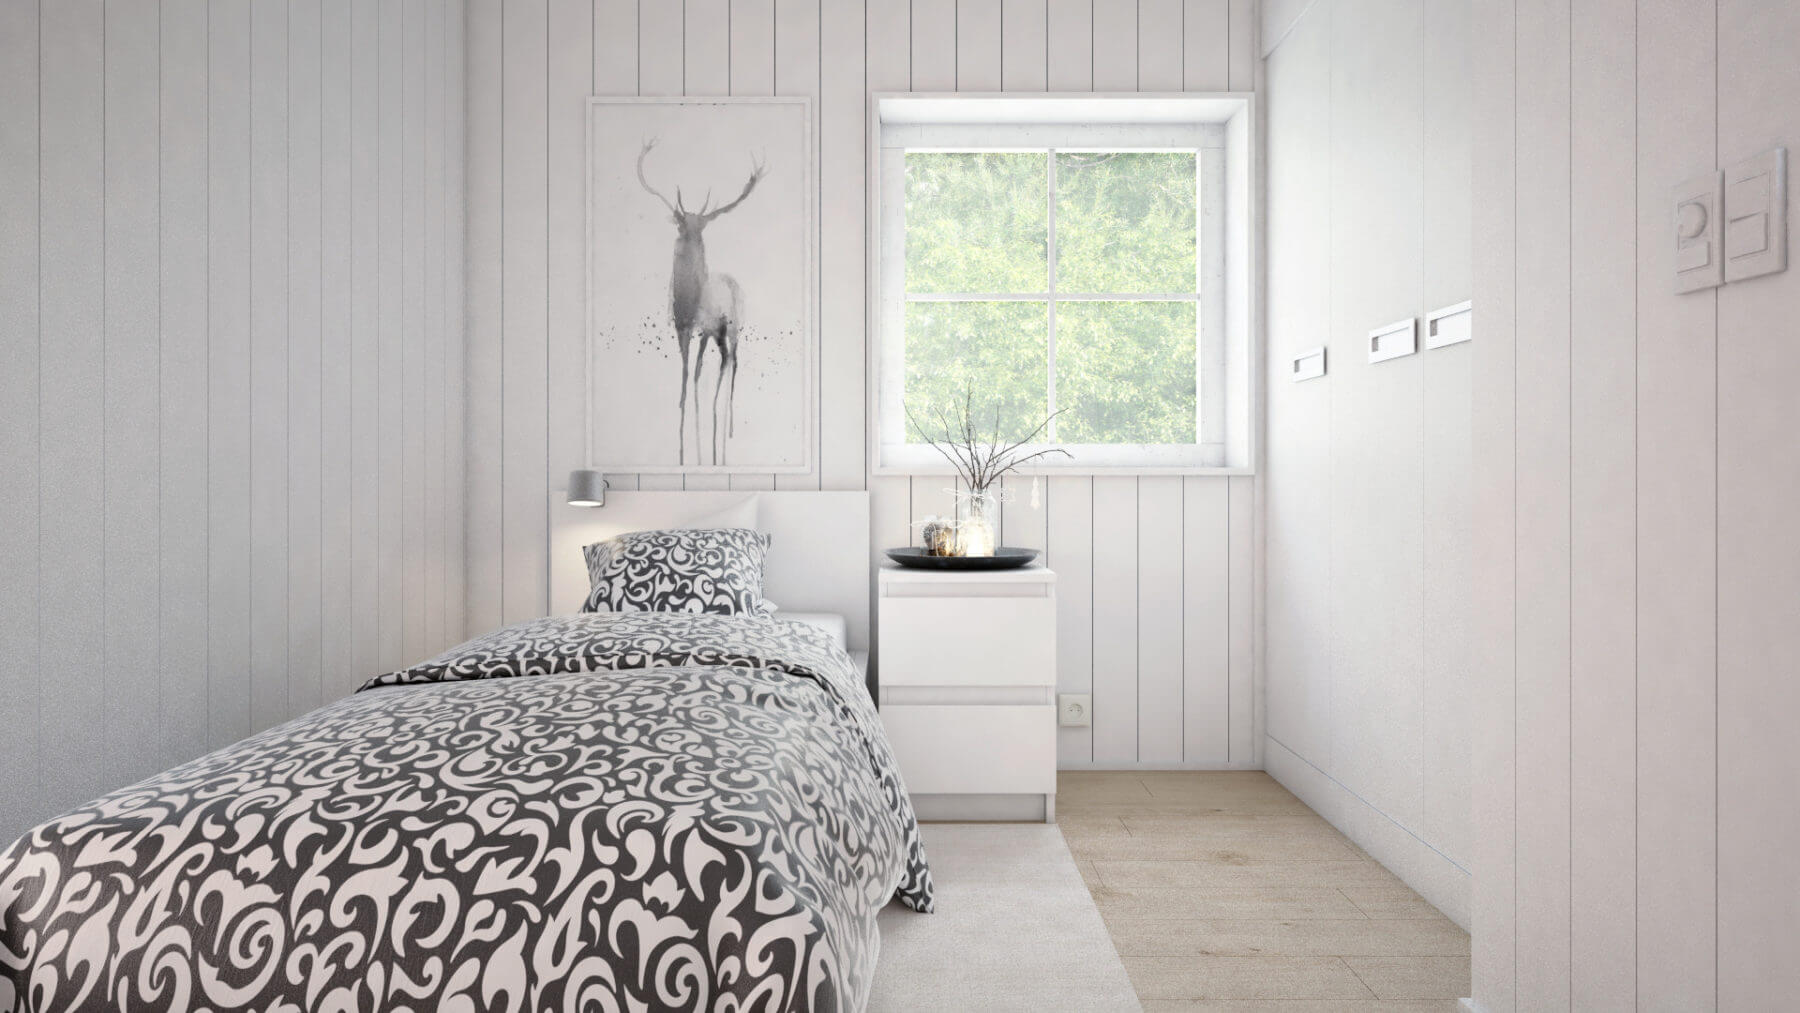 Fritidshus Klassisk 50.1 sovrum med säng, sängbord och garderober